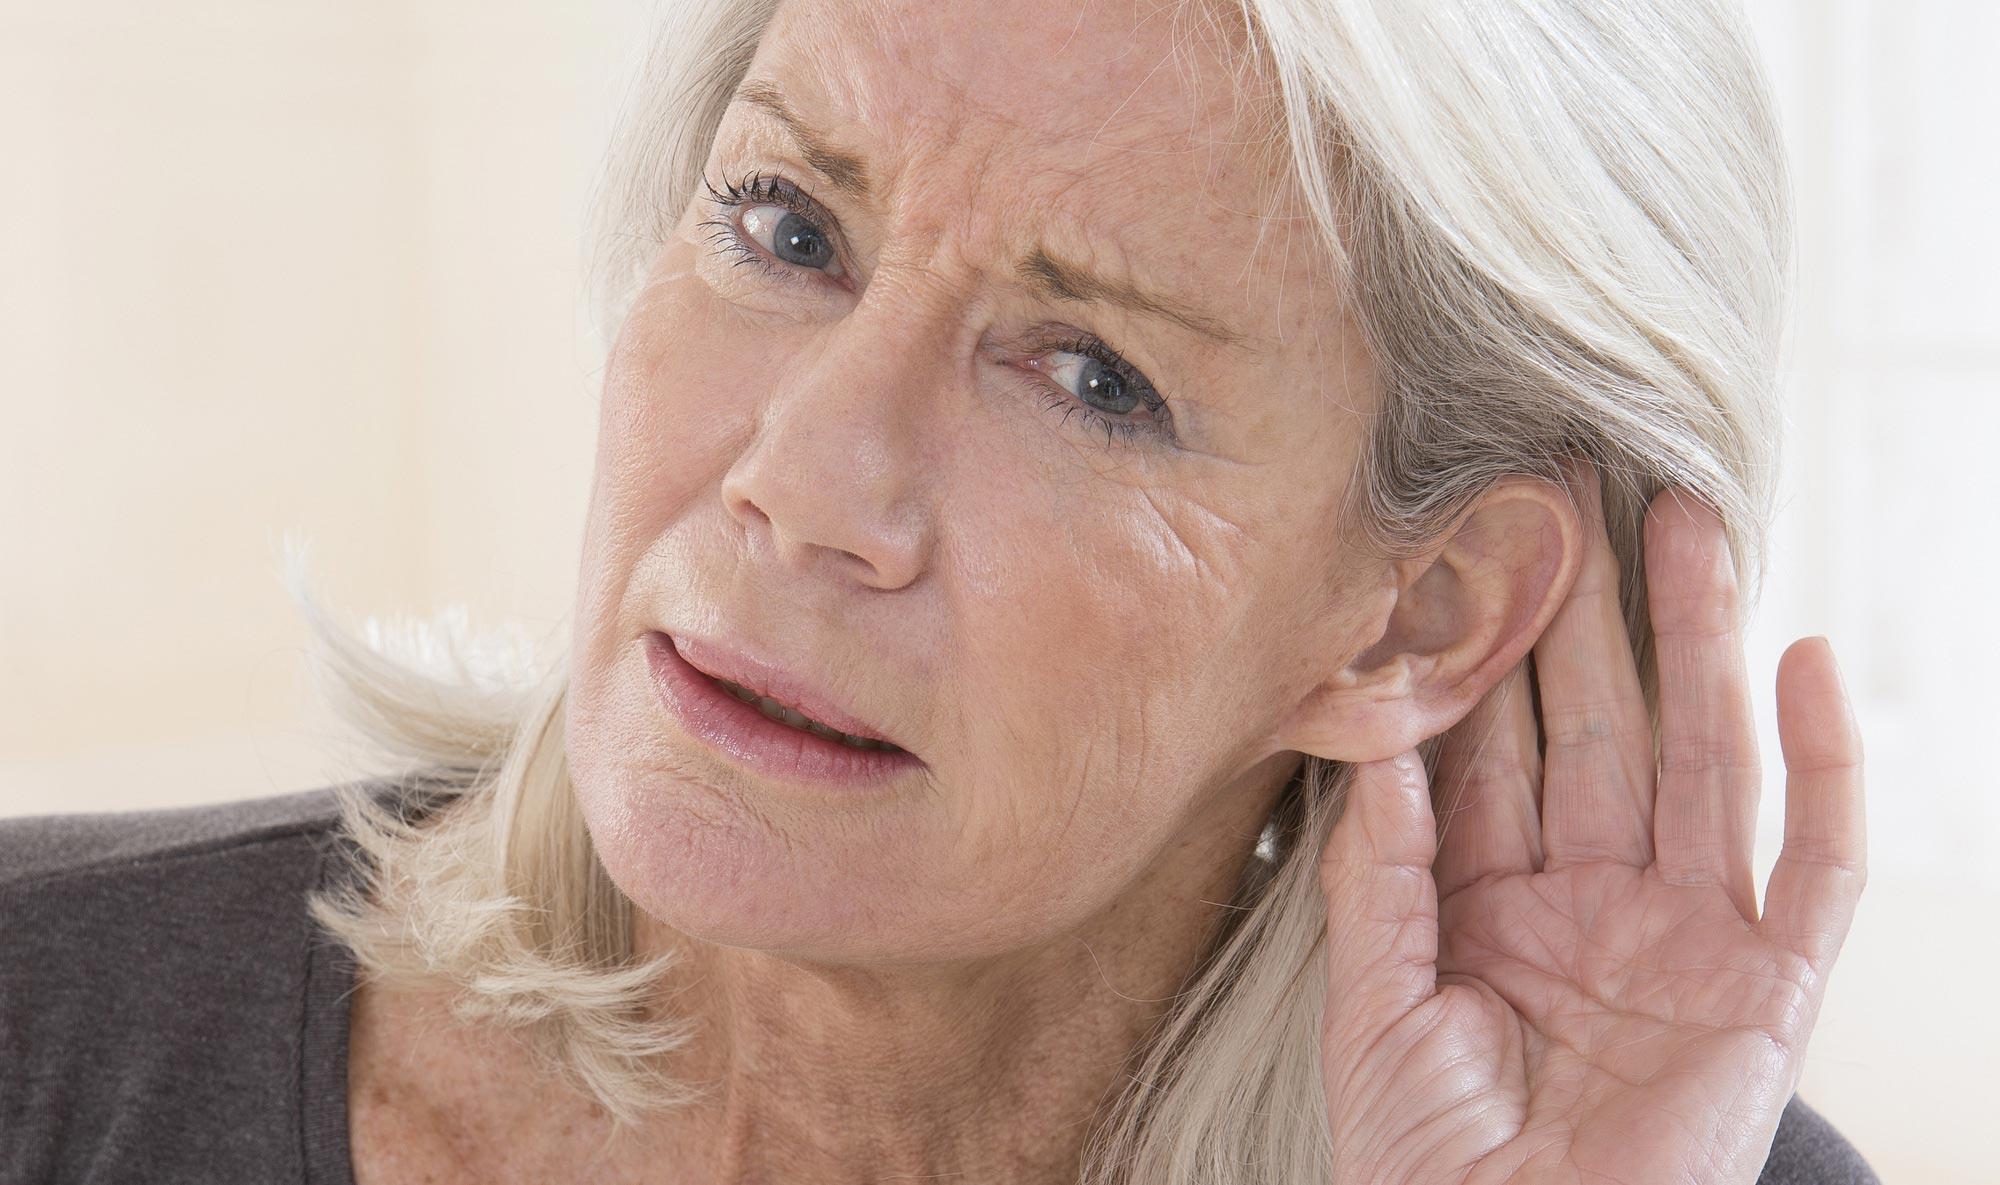 aparelhos-auditivos-a-surdez-seus-tipos-e-causas